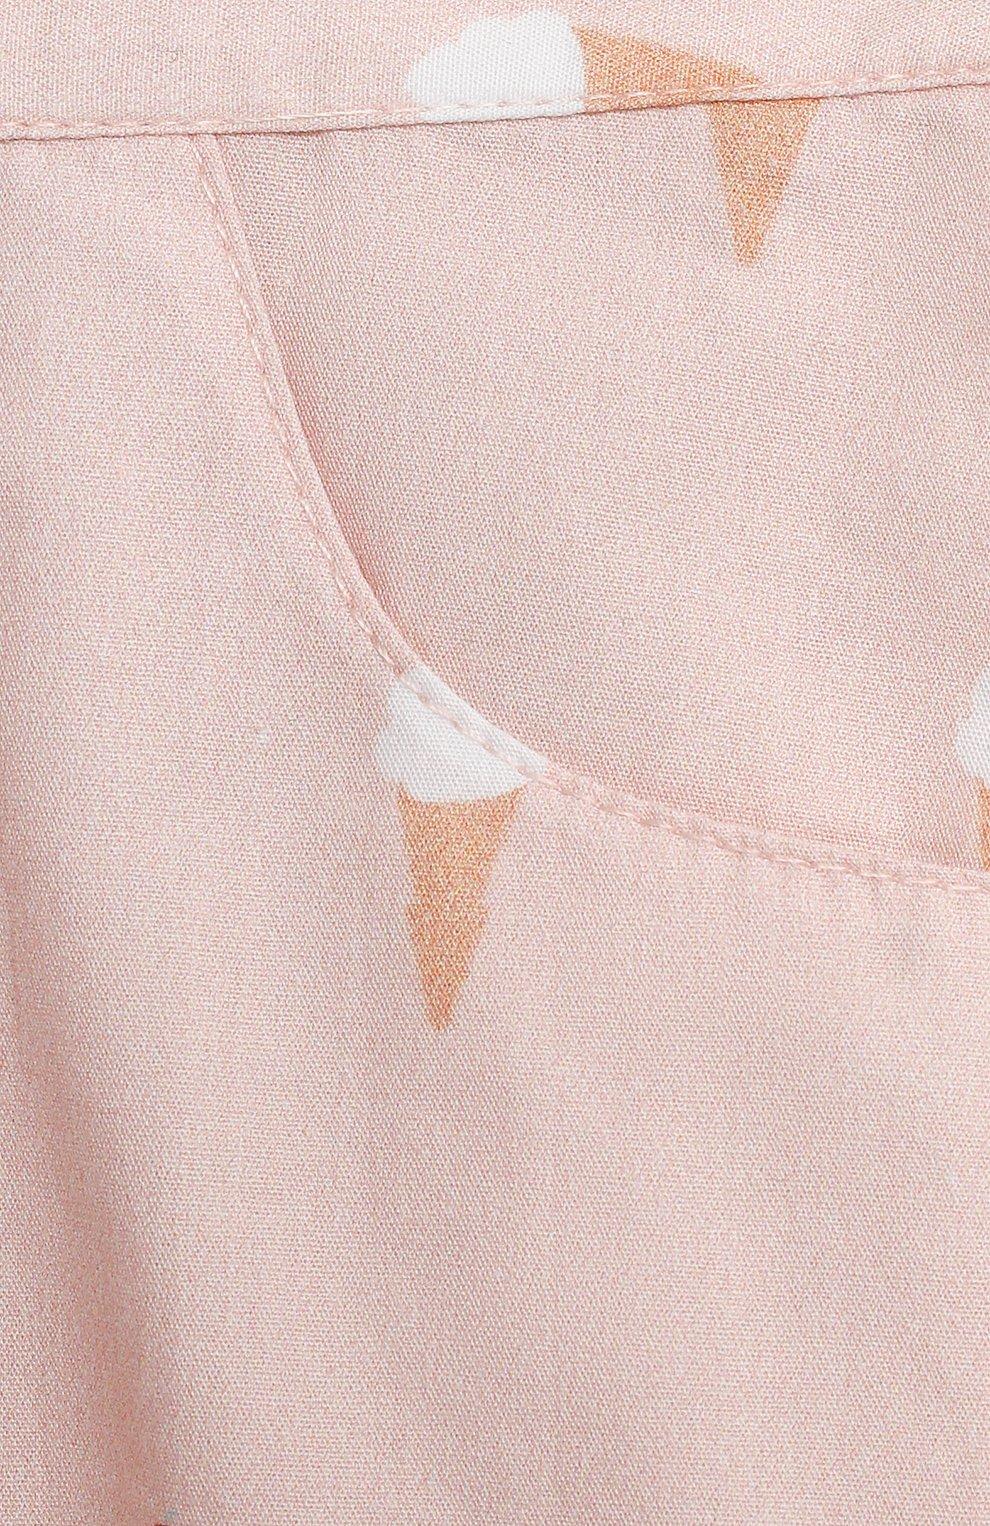 Детские хлопковые шорты LES LUTINS PARIS розового цвета, арт. 21E415/SUZIE | Фото 3 (Материал внешний: Хлопок; Ростовка одежда: 9 мес | 74 см, 18 мес | 86 см, 24 мес | 92 см, 3 мес | 62 см, 6 мес | 68 см)